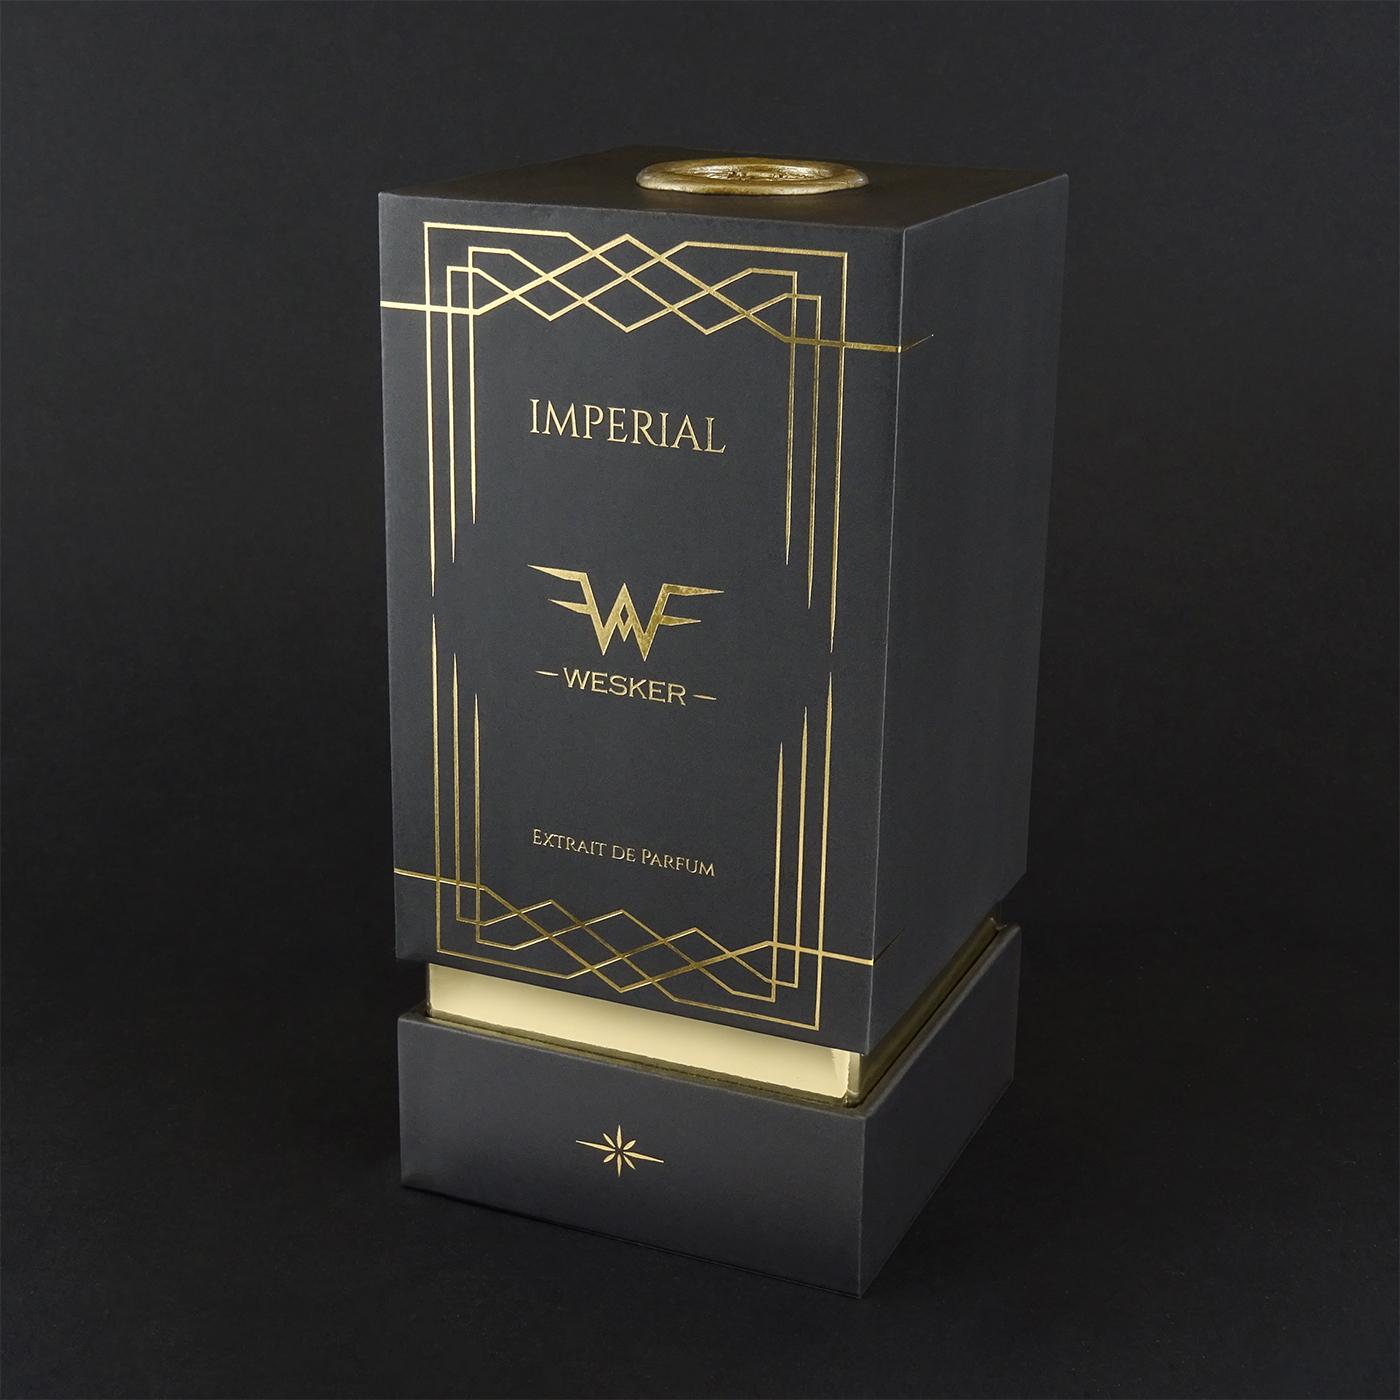 Wesker_Imperial_Packaging_1x1